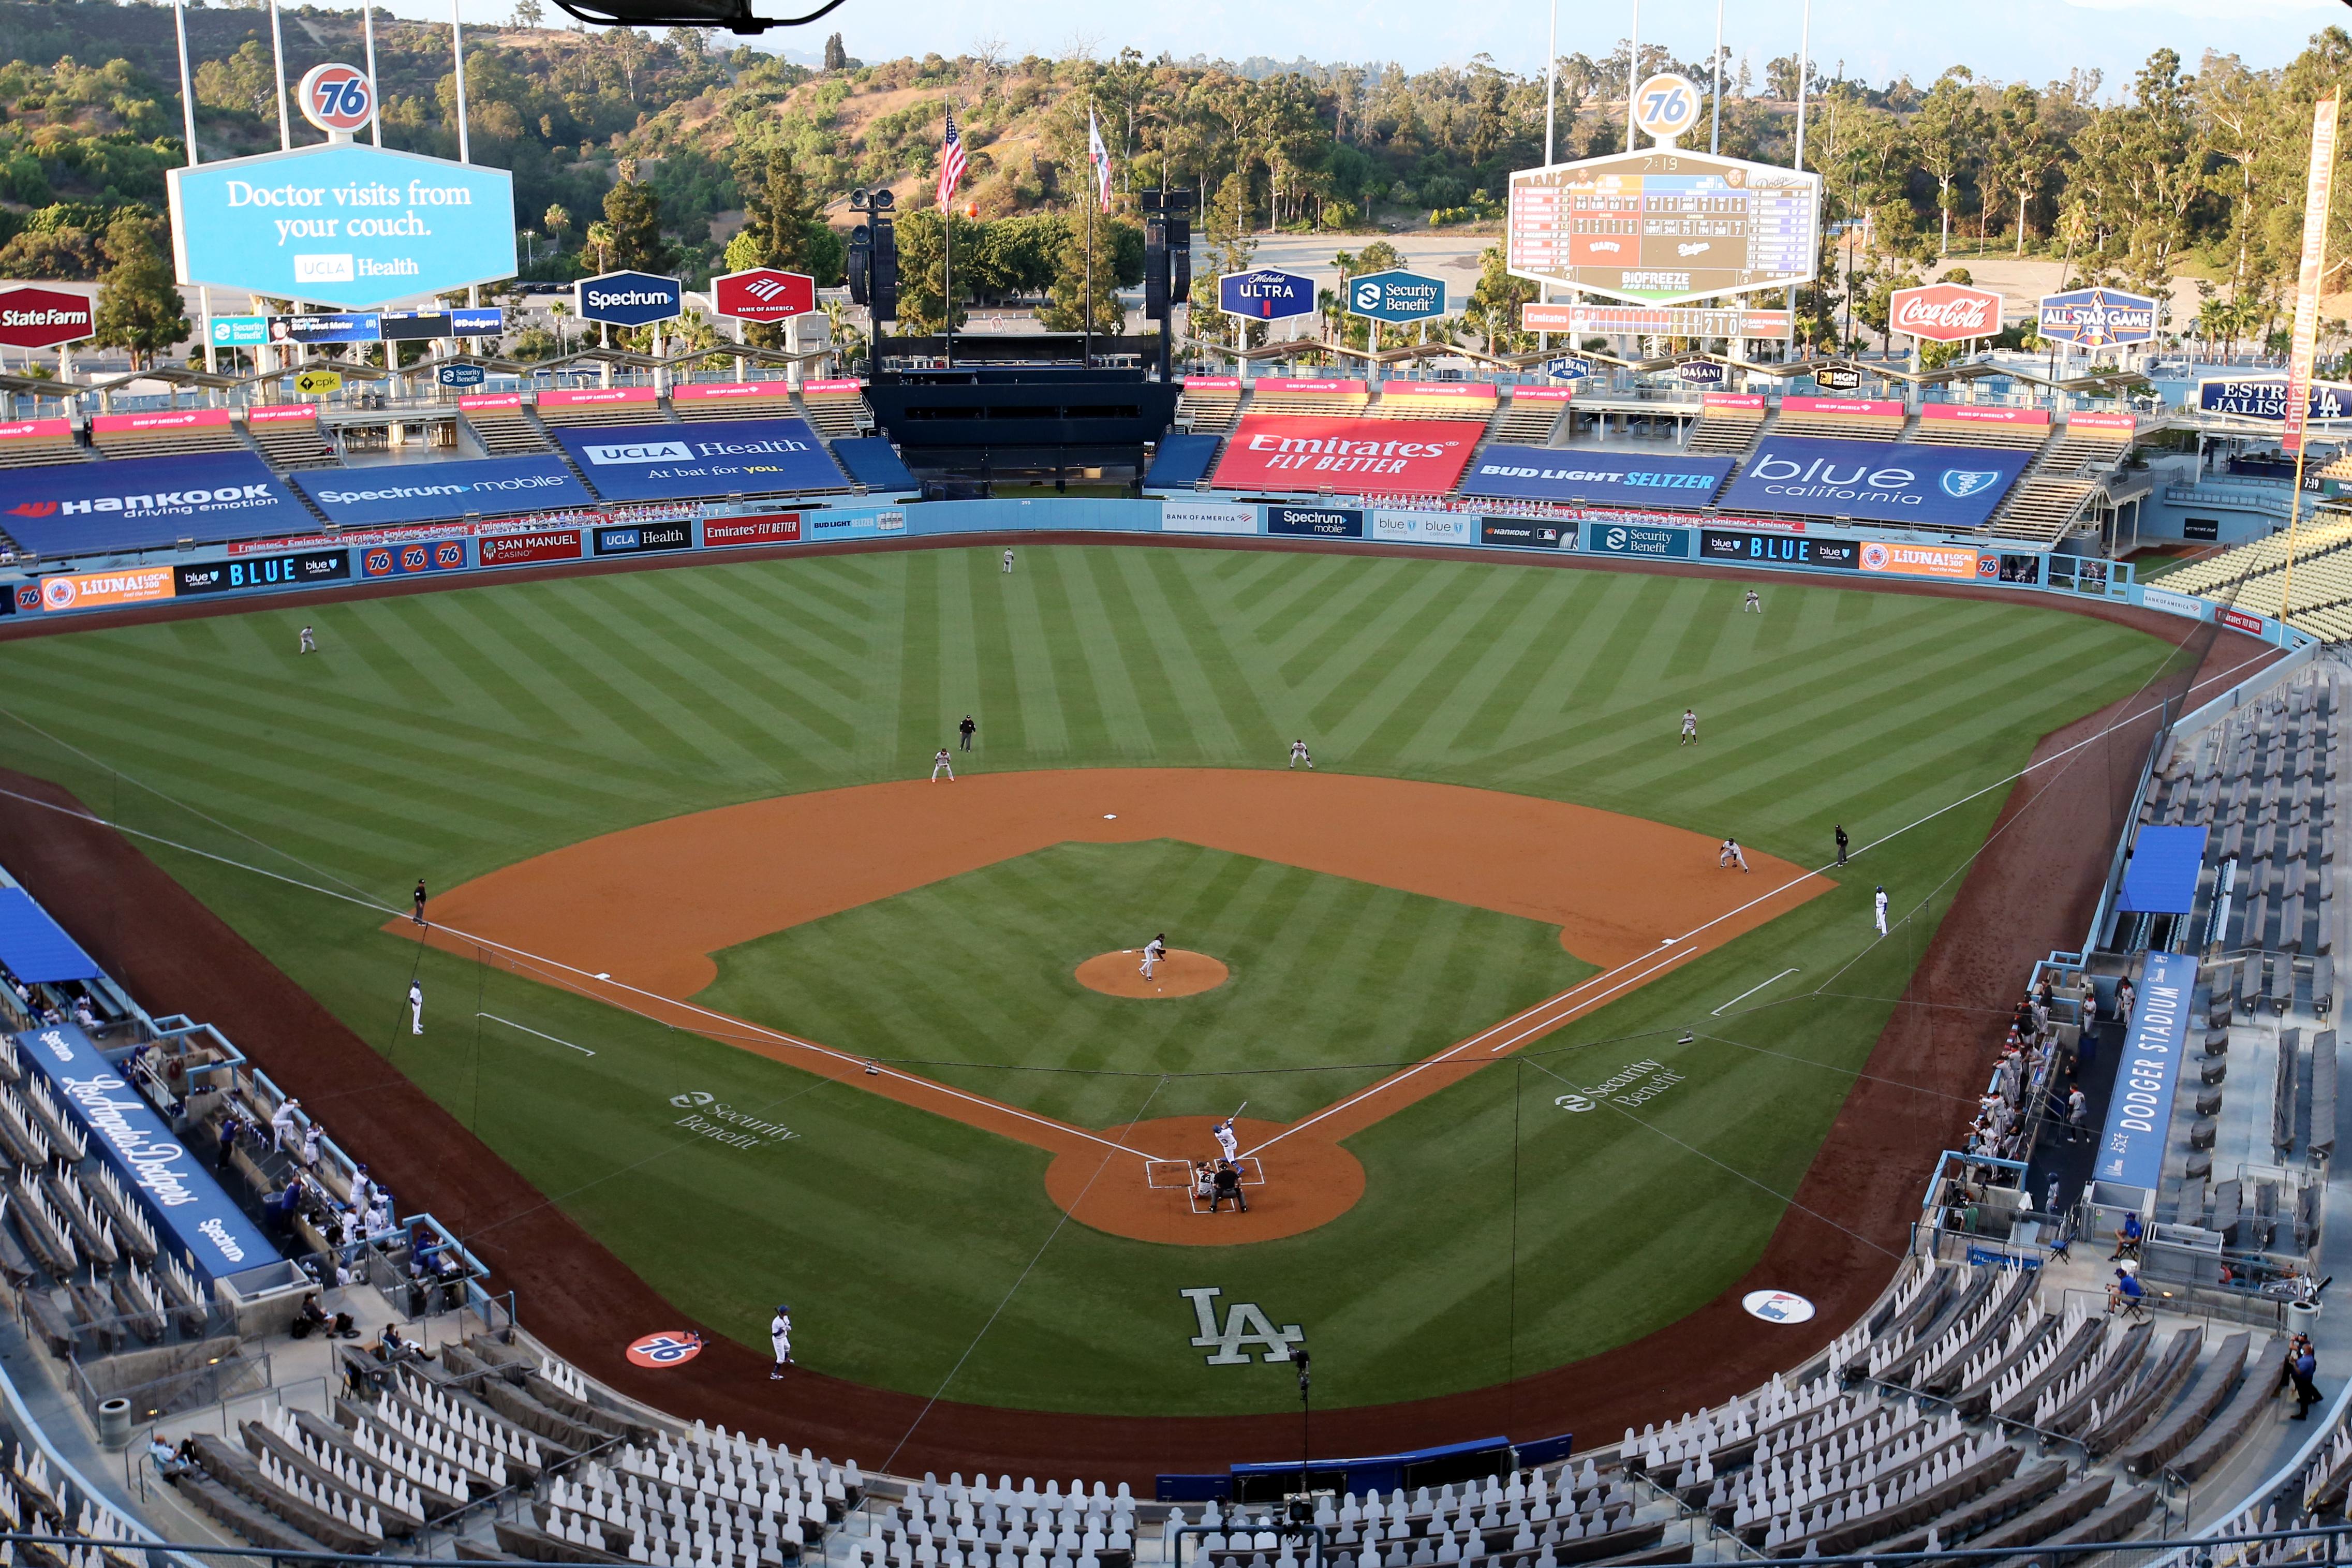 San Francisco Giants v. Los Angeles Dodgers